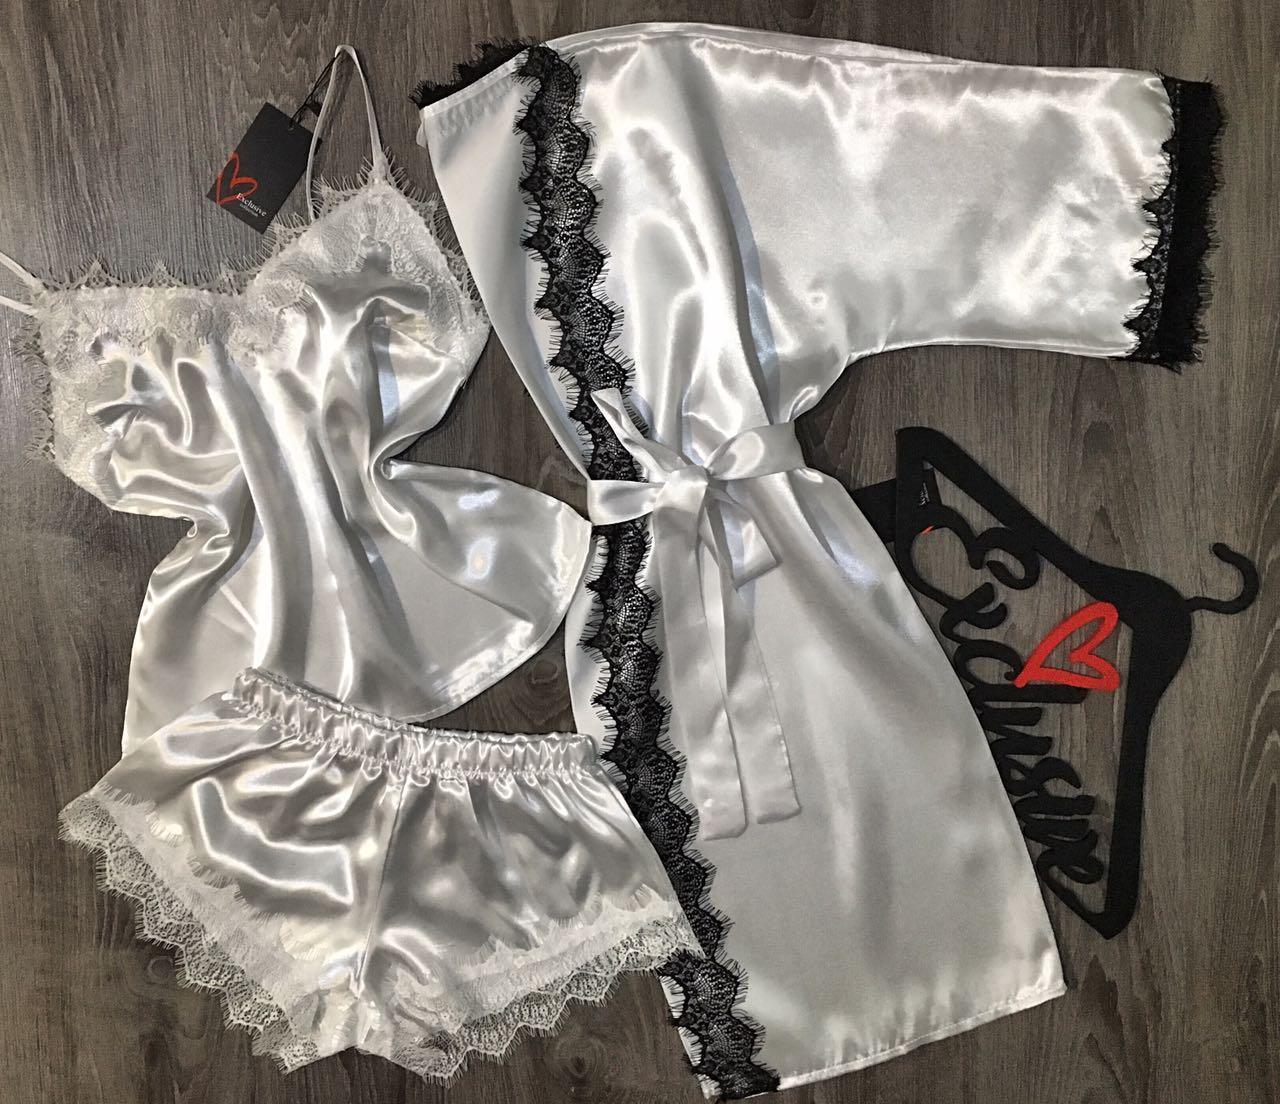 Атласный комплект домашней одежды  007-017, белый халат+майка+шорты.